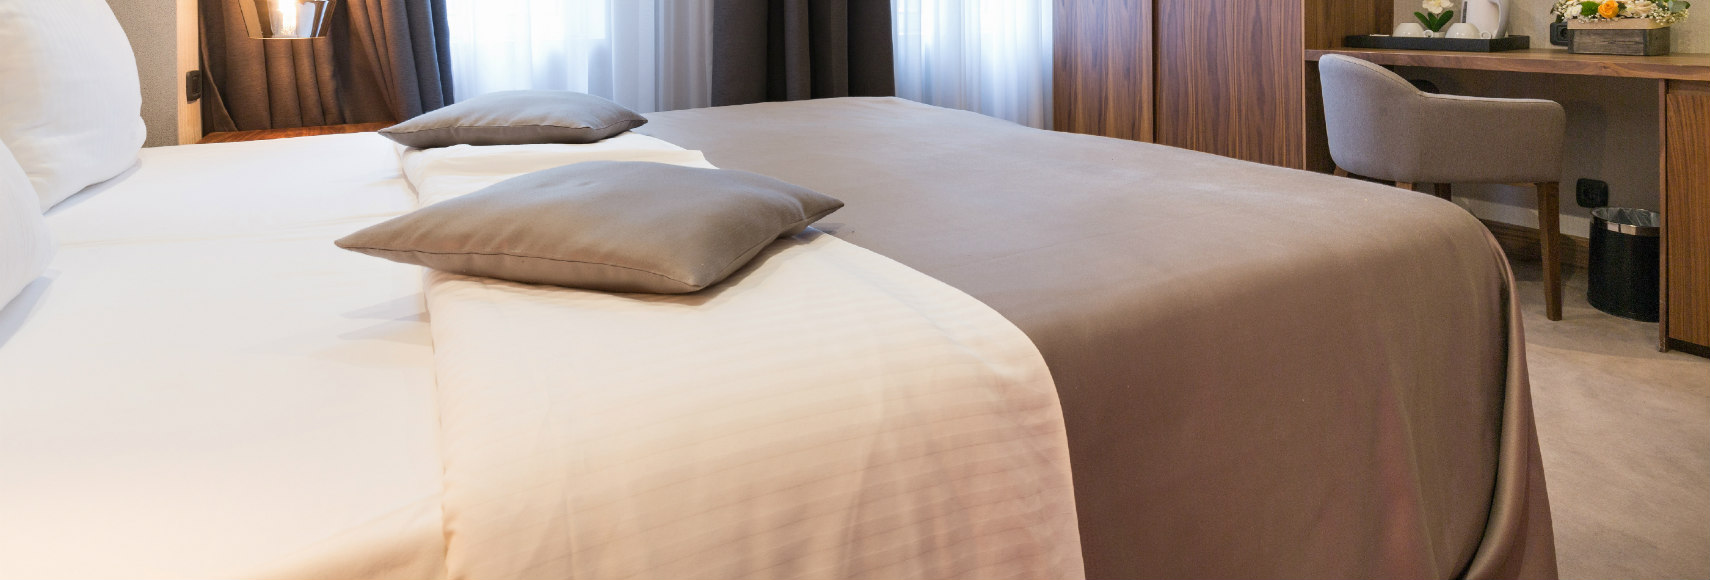 matelas hotel acheter en ligne